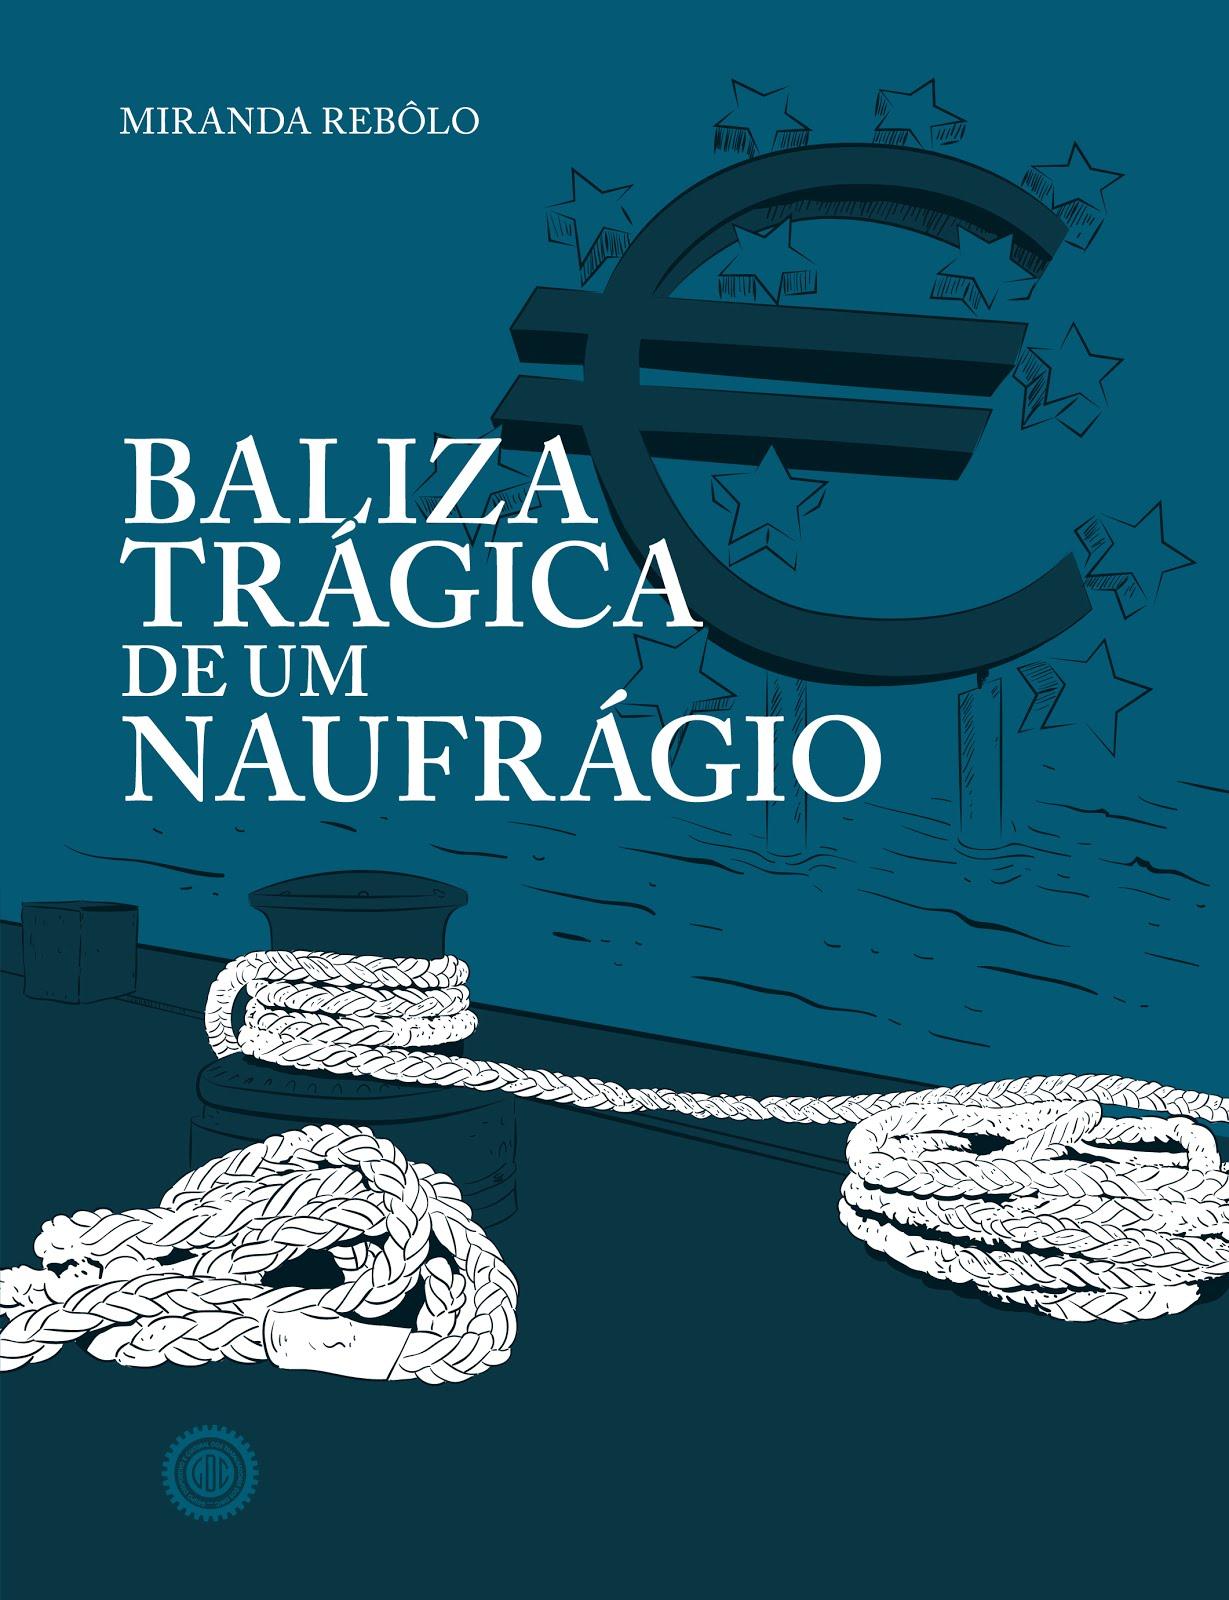 BALIZA TRÁGICA DE UM NAUFRÁGIO (2015)